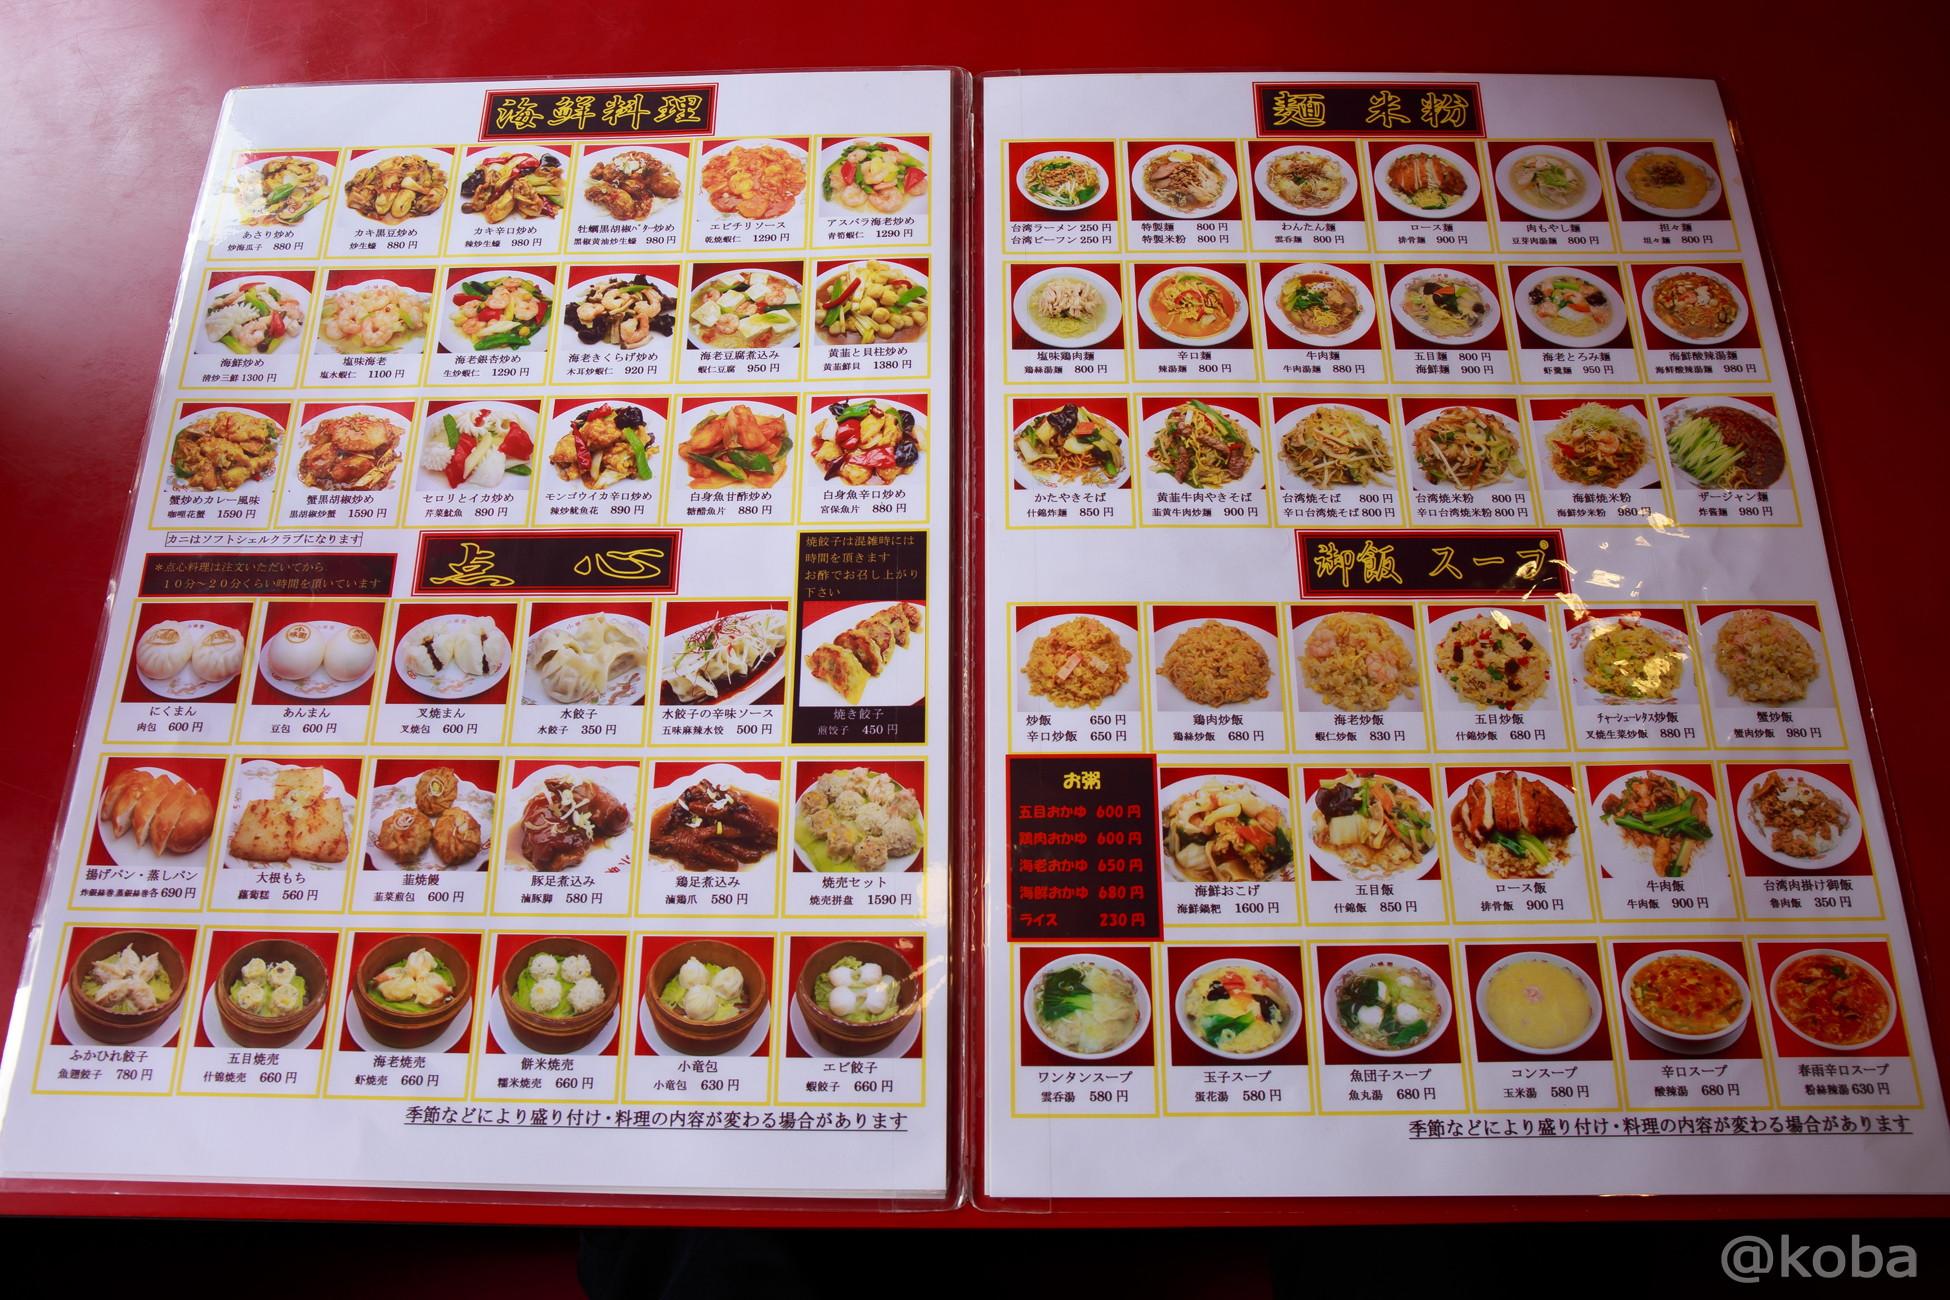 メニュー 値段 小岩 台湾料理 小味園(しょうみえん) 本店│こばフォトブログ